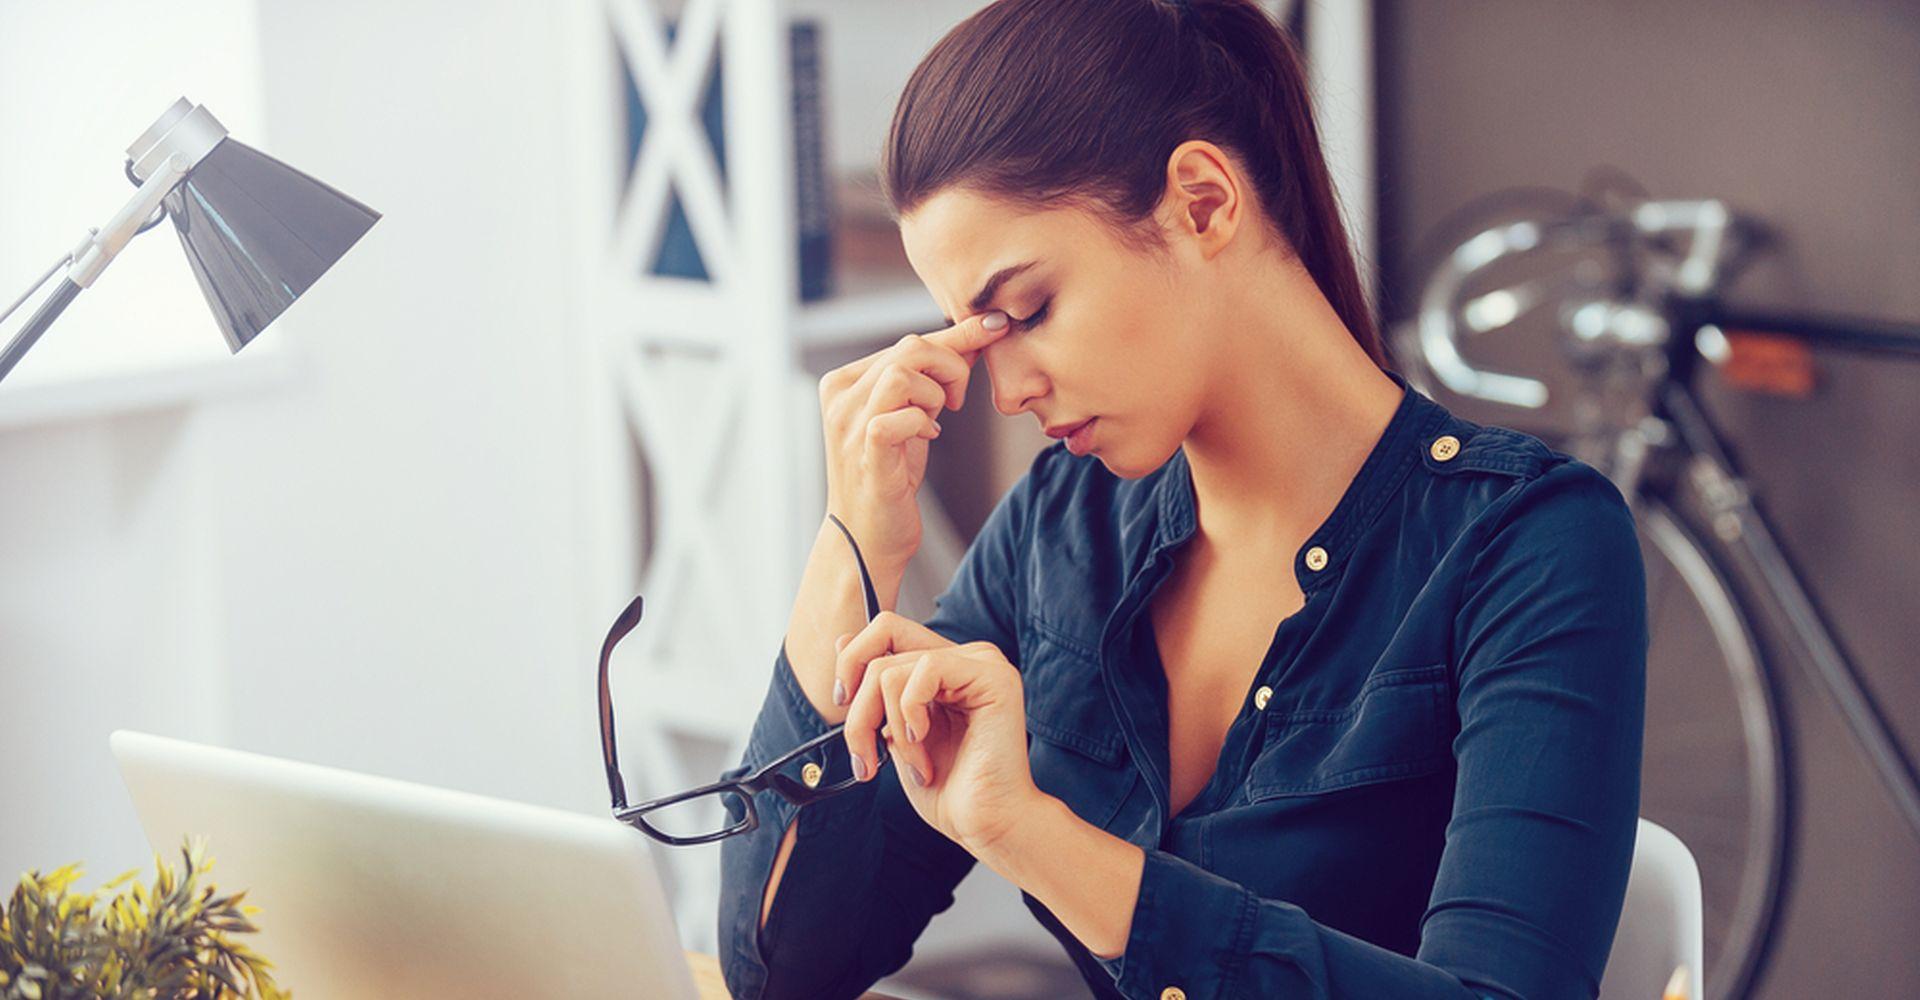 Gestione e Riduzione dello Stress in Ambito Socio Assistenziale